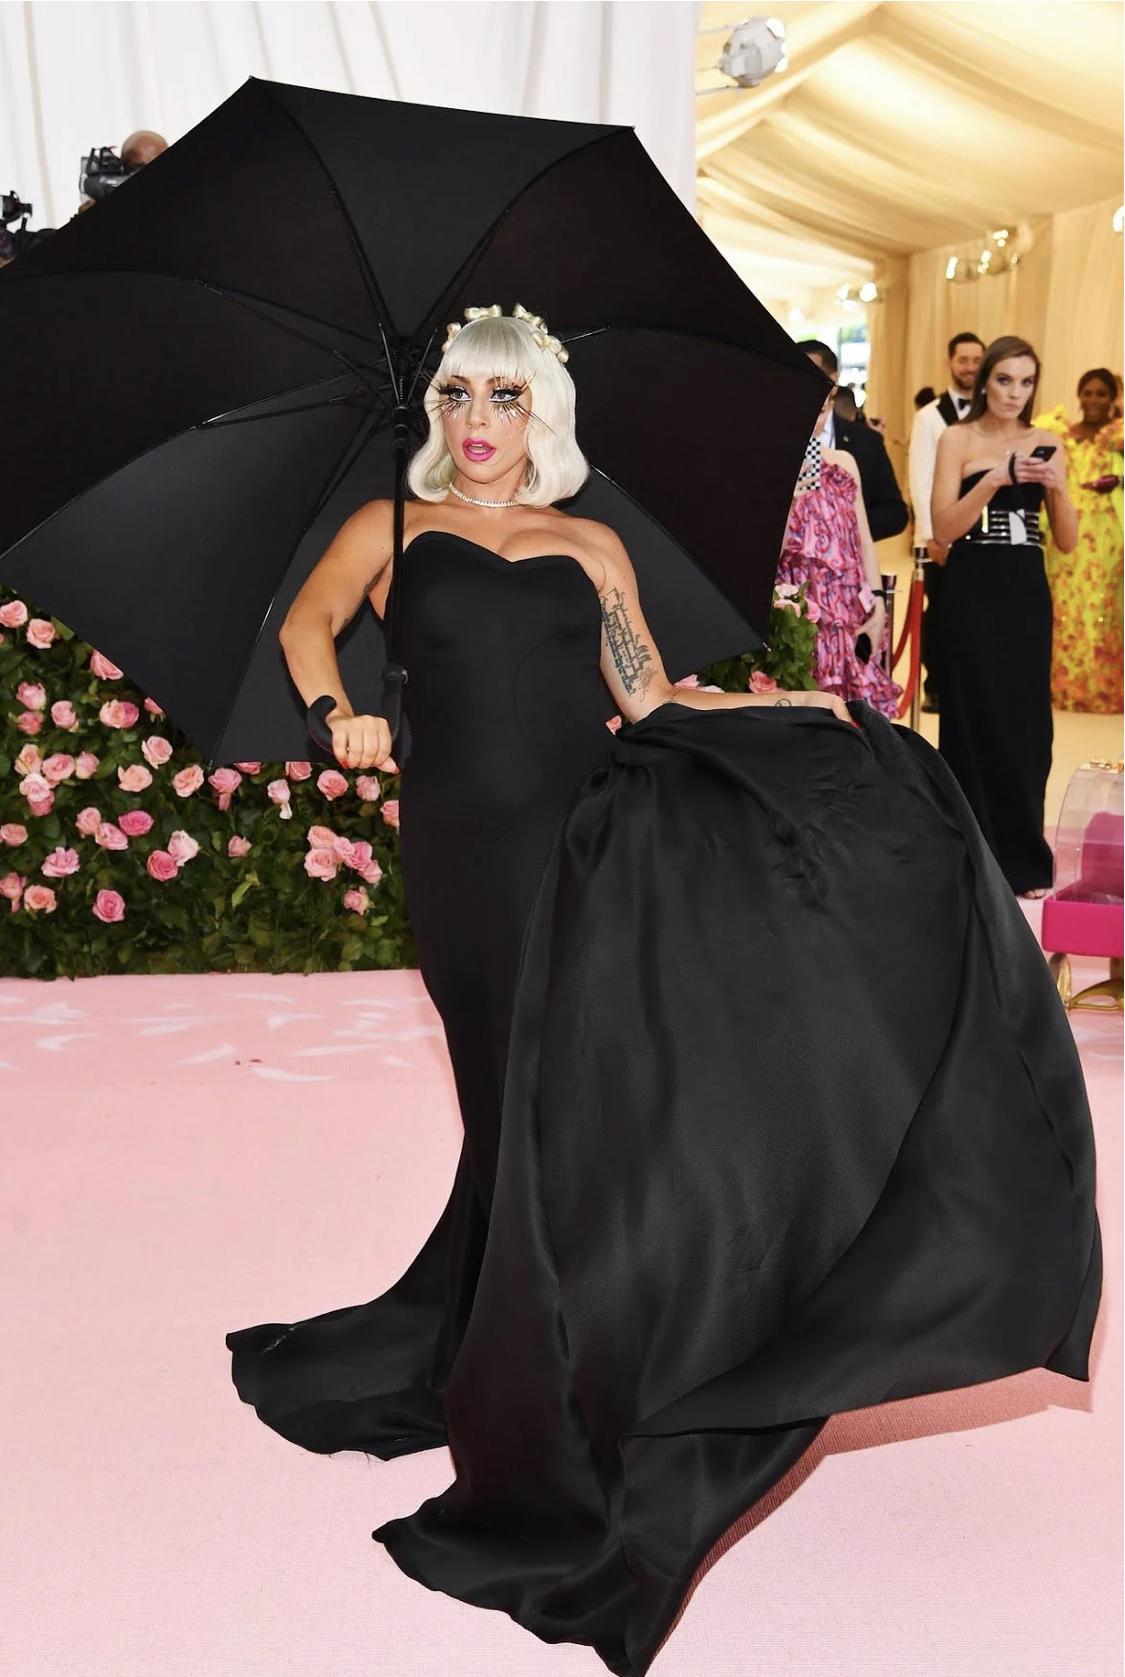 Lady Gaga inset